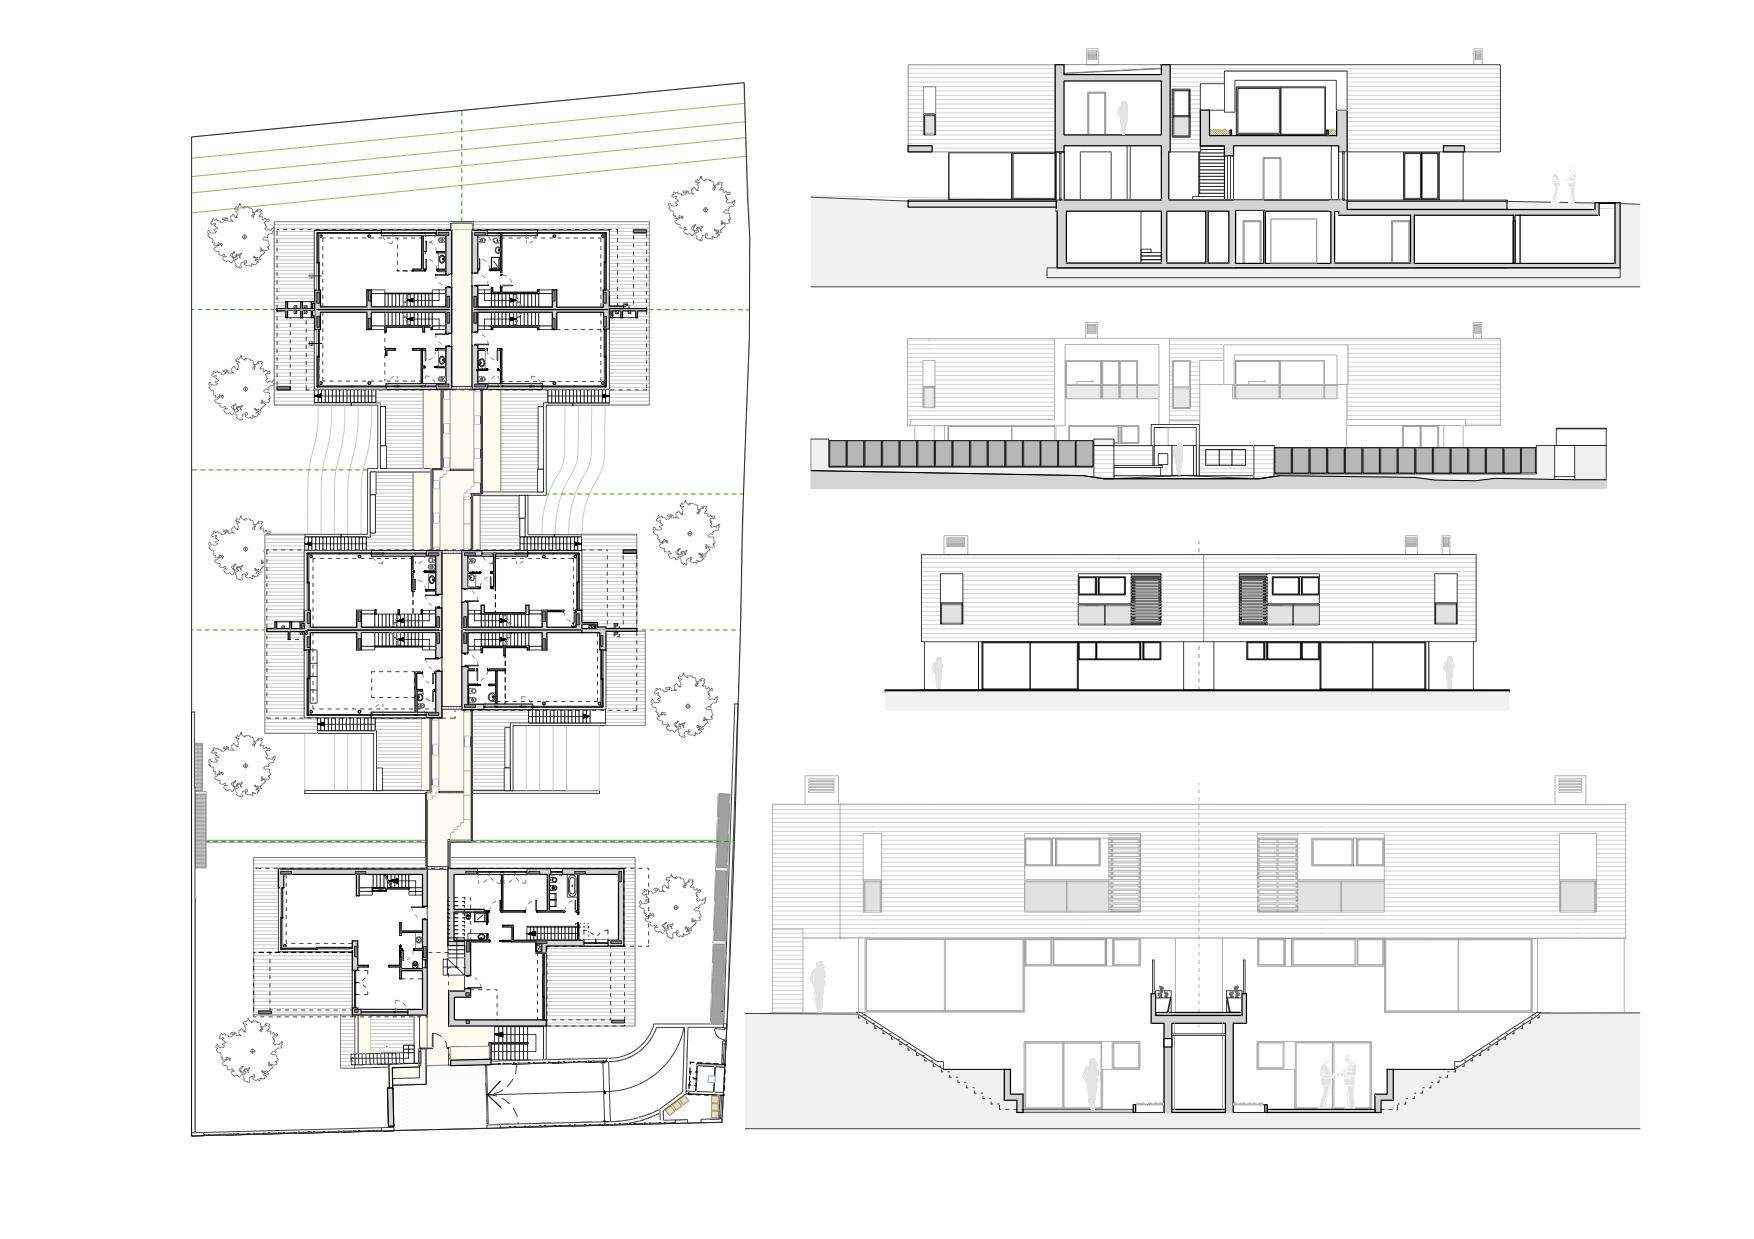 """Opera menzionata - Premio Architetti Verona 2017 - il progetto """"I Cubi"""" alle Ferrazze i-cubi-_-planimetrie-e-prospetti-_-abw-ferrazze-verona-"""